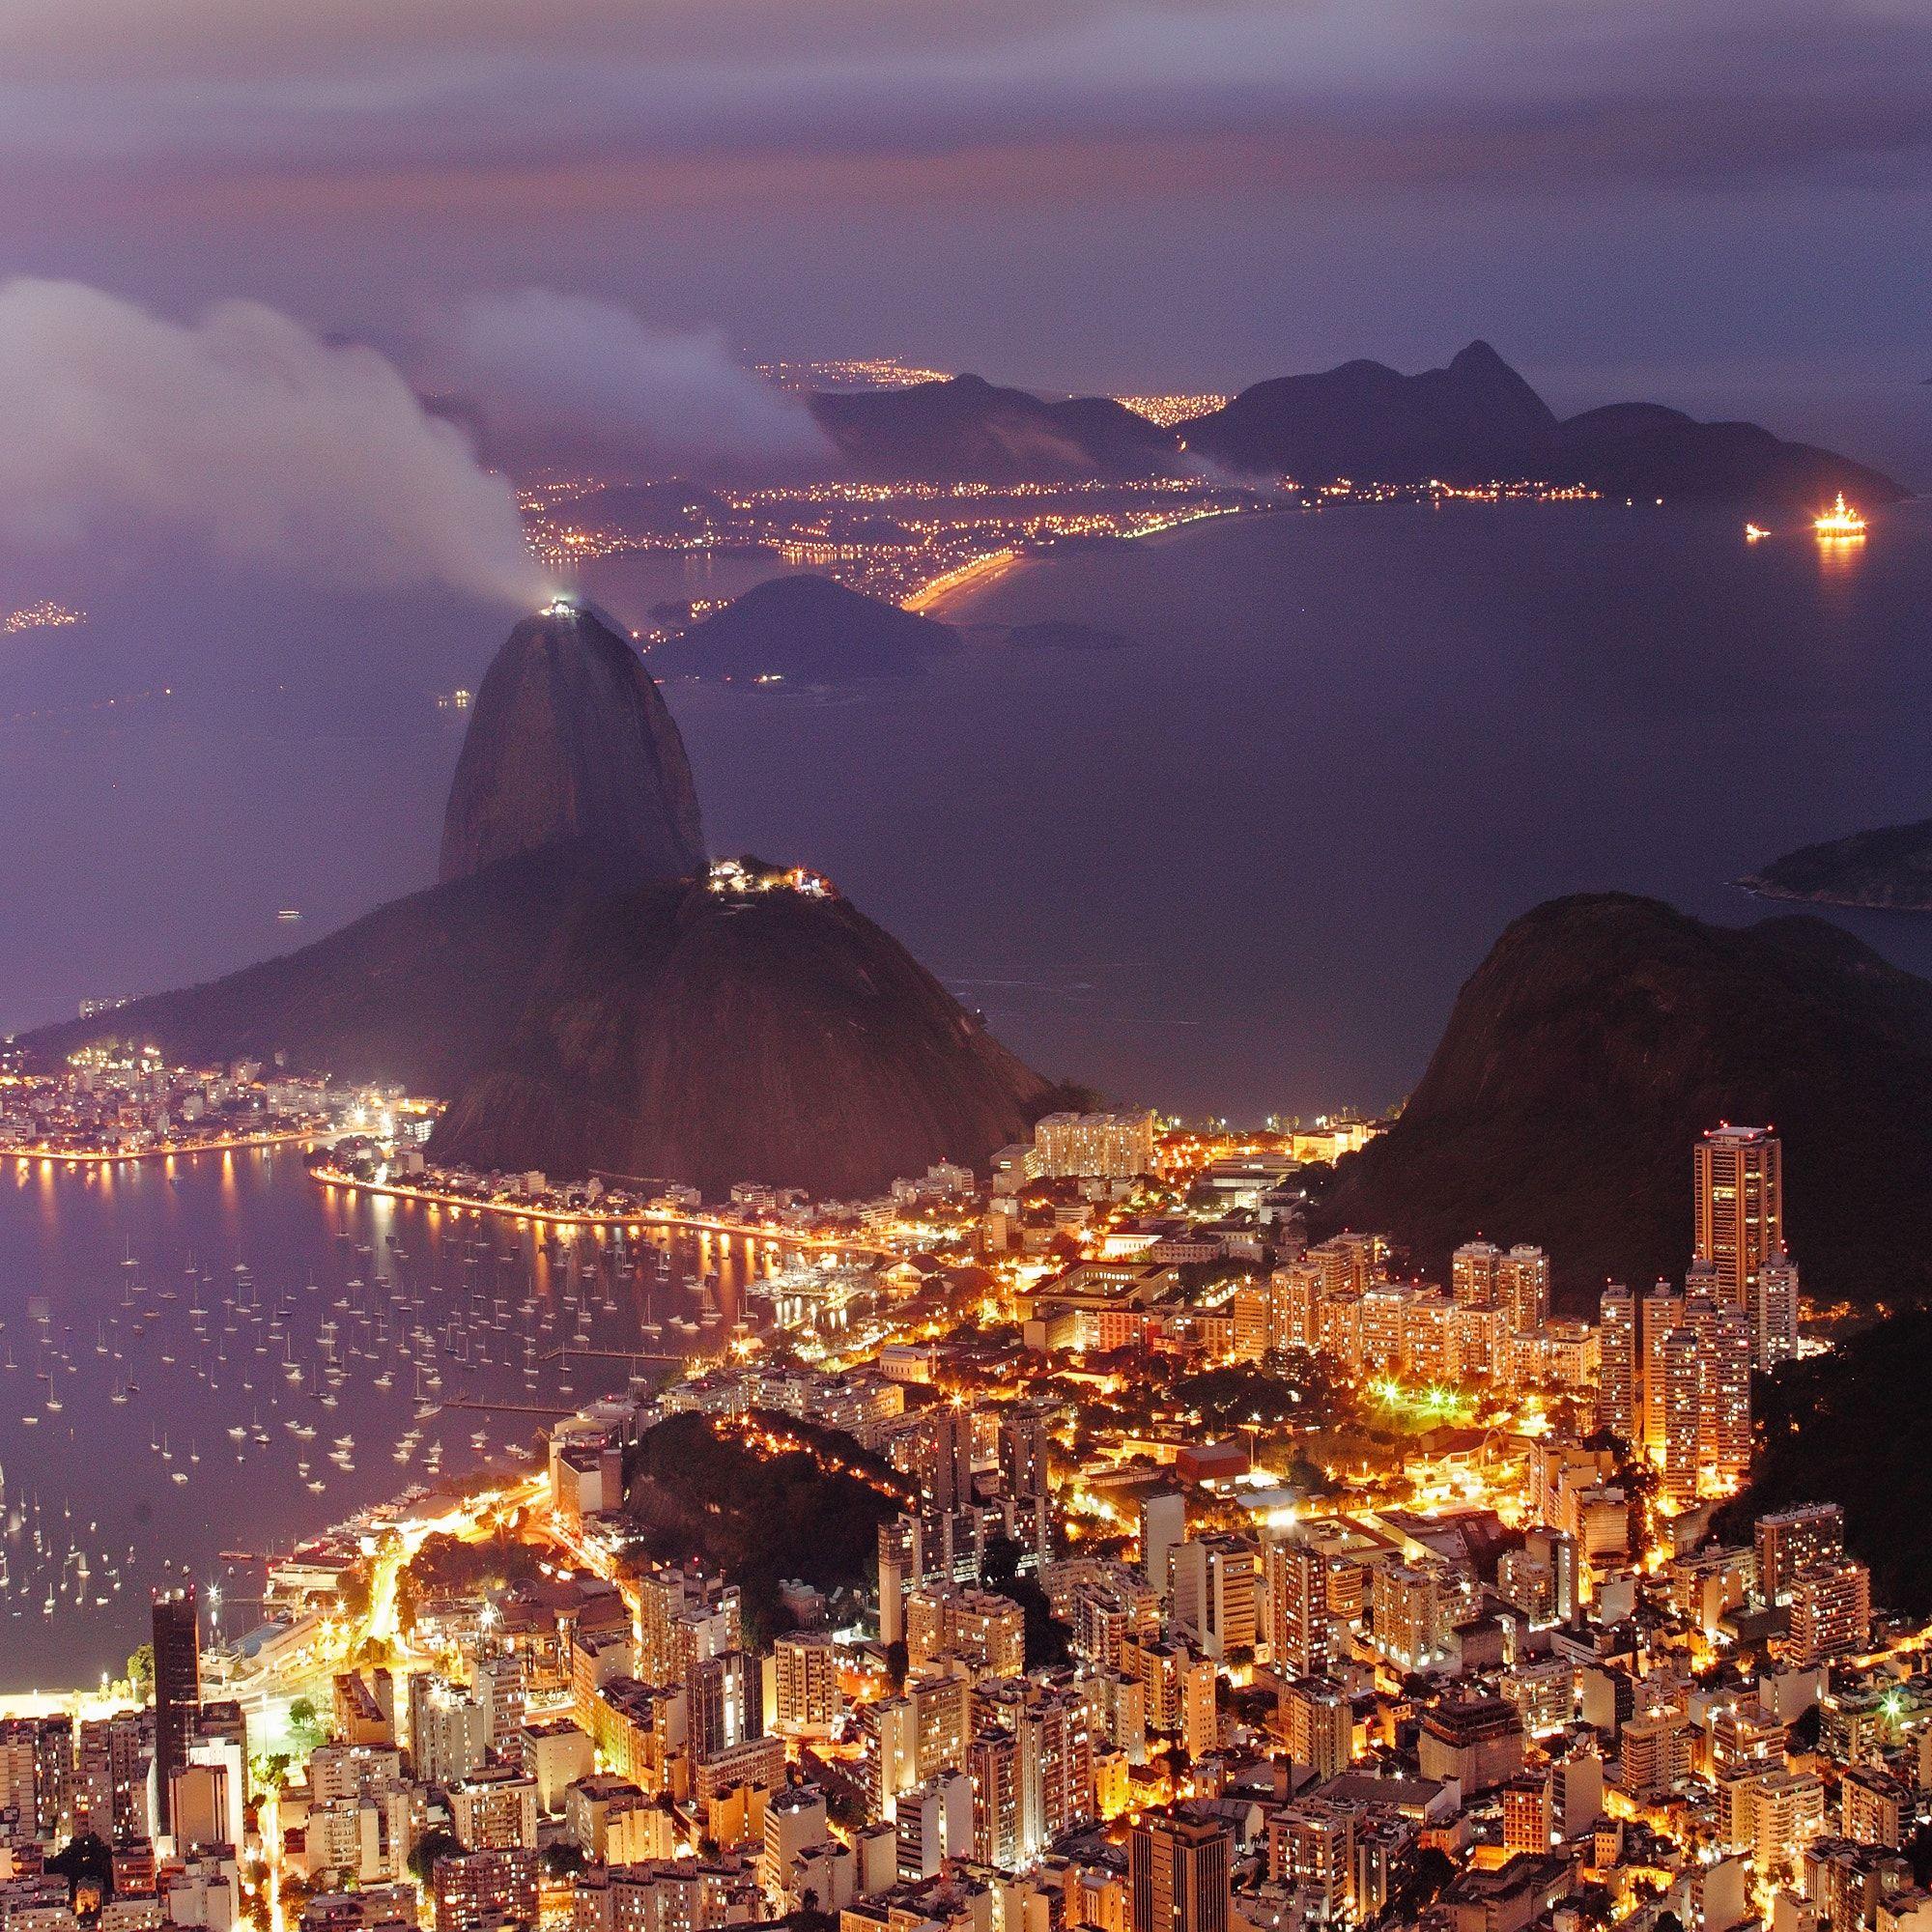 Rio - Rio de Janeiro o destino especial para o Carnaval   Brasil   City   Nature   Fotografia   Corcovado   Paisagem